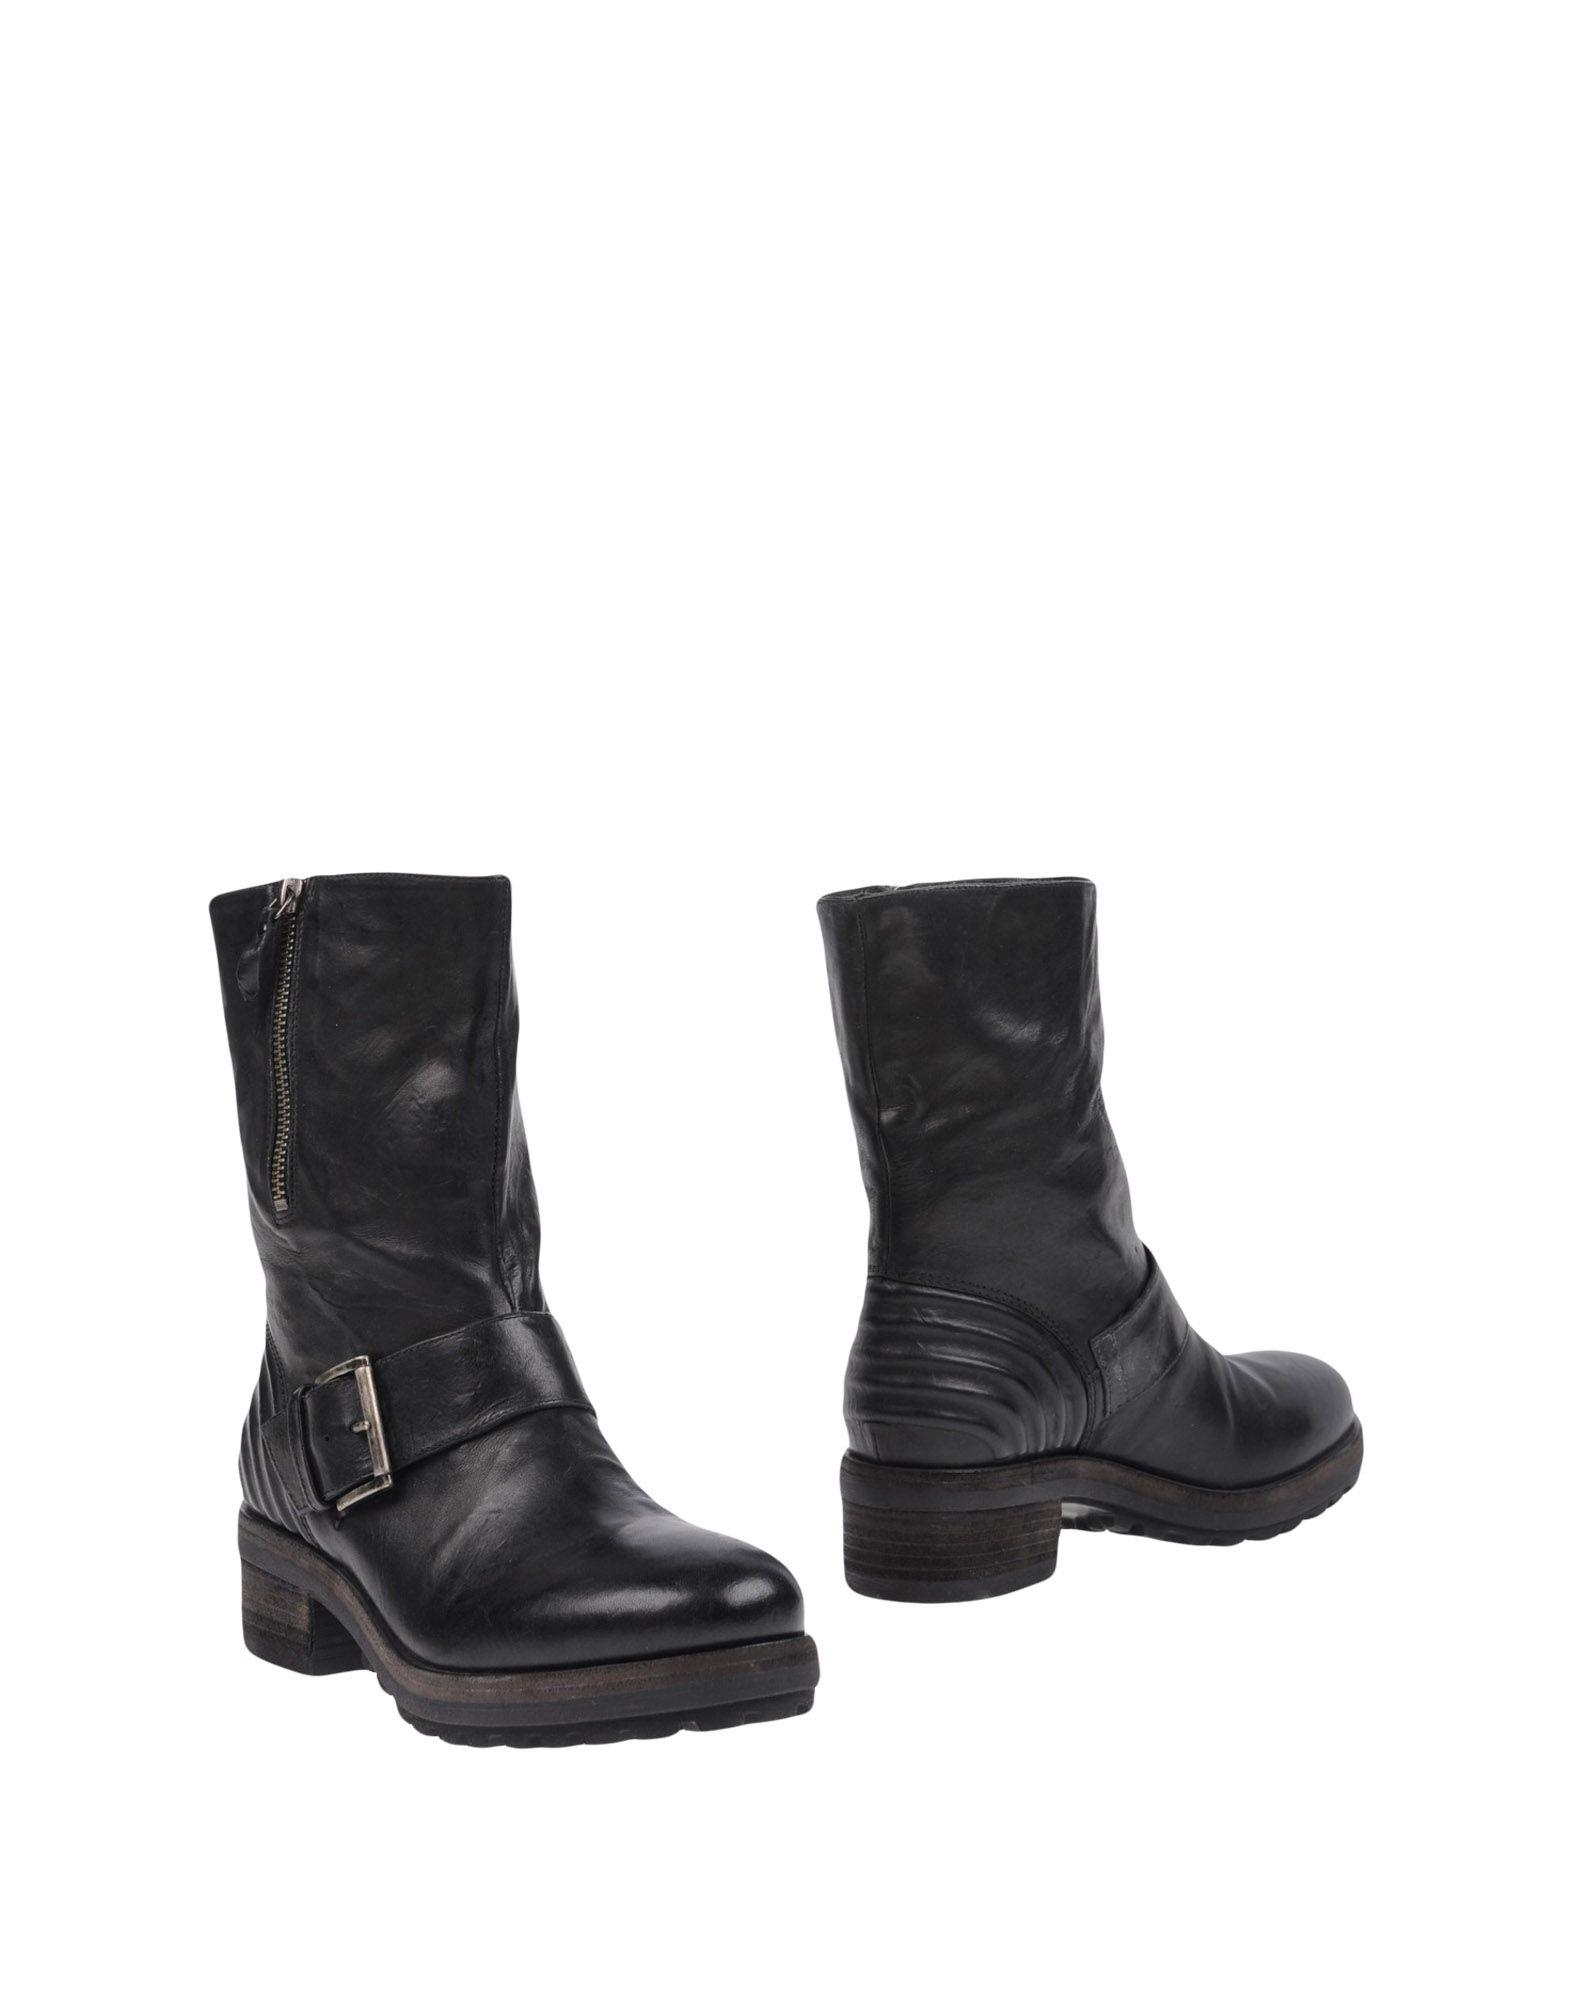 Vic Stiefelette Damen Schuhe  11225224SAGut aussehende strapazierfähige Schuhe Damen f1332c